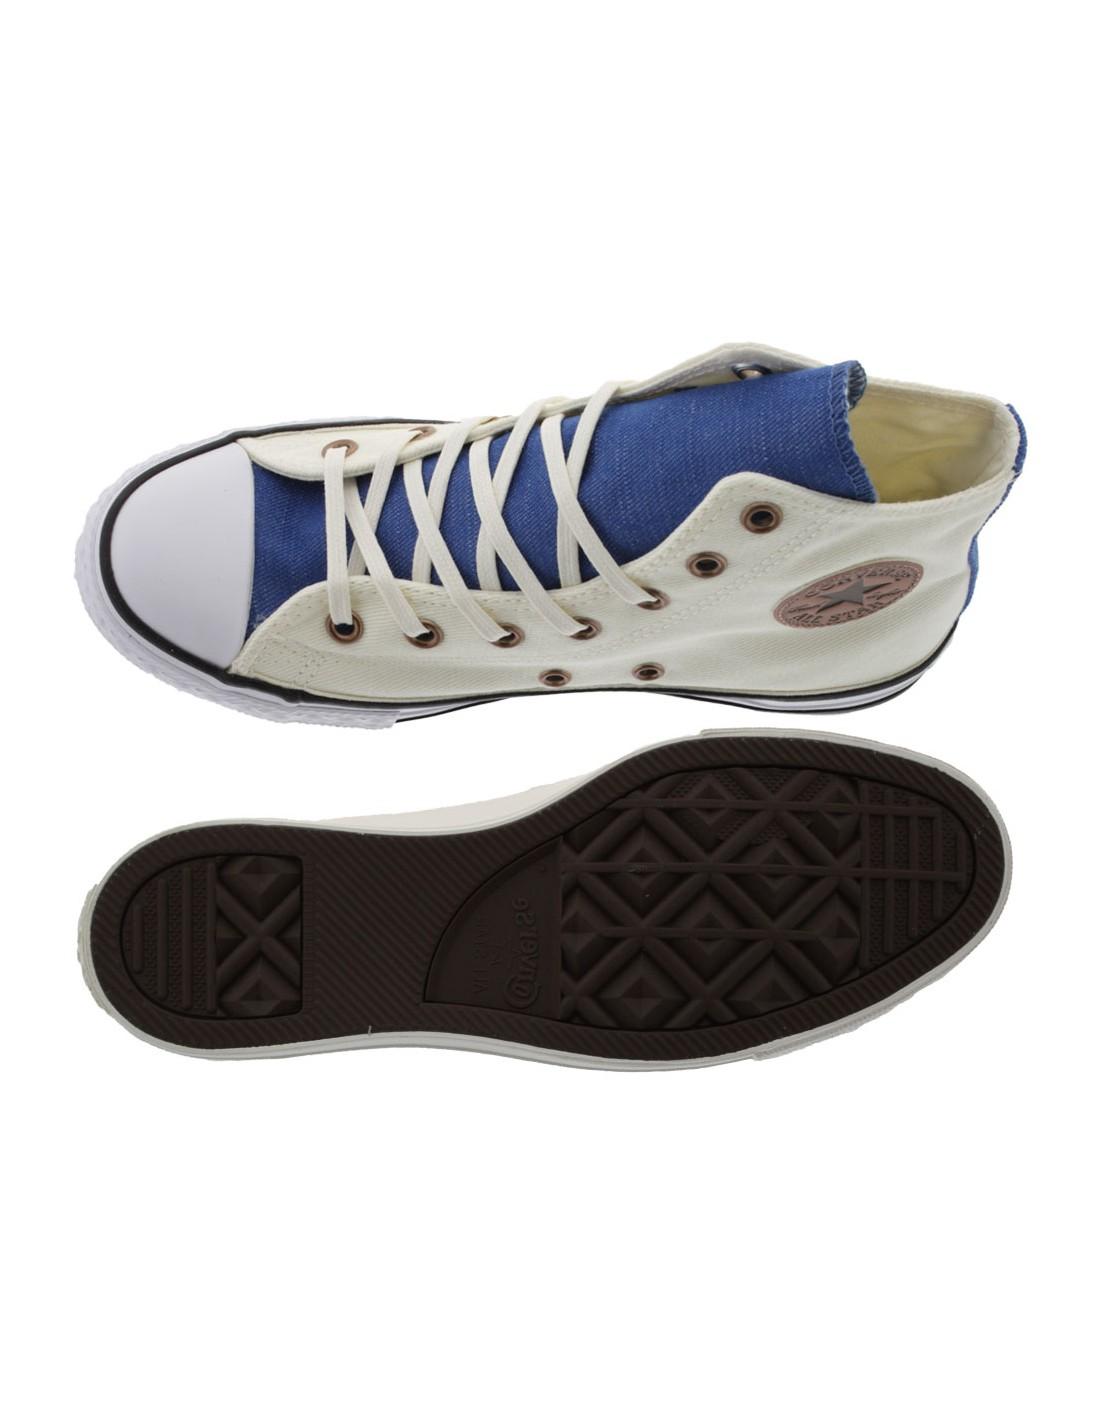 Scarpe Converse All Star Hi bambino beige e blu